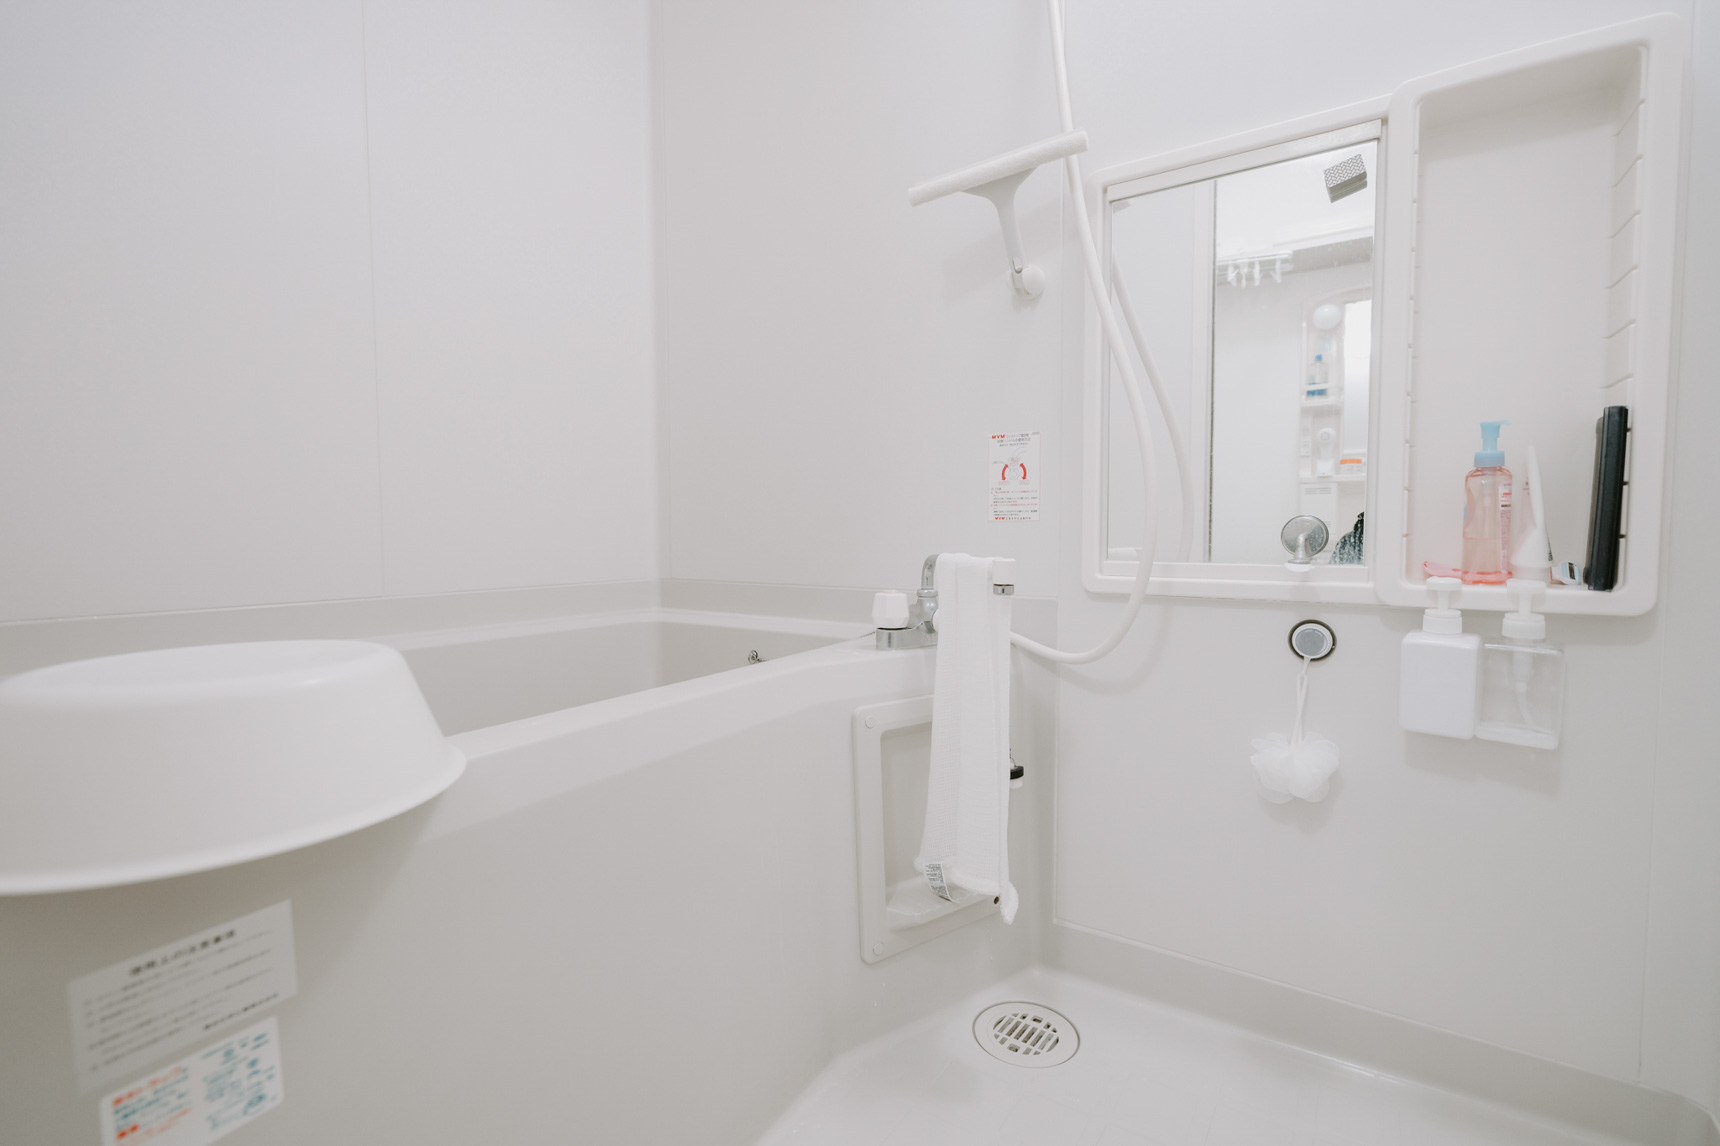 お風呂に入った後に、冷たい水を風呂場全体にシャワーでかけるのも効果的です。湿気が溜まった後にできるカビは、あたたかい温度が大好き。水をかけて温度を下げ、カビが生えにくい環境を作ることも大切です。(このお部屋はこちら)[/caption]